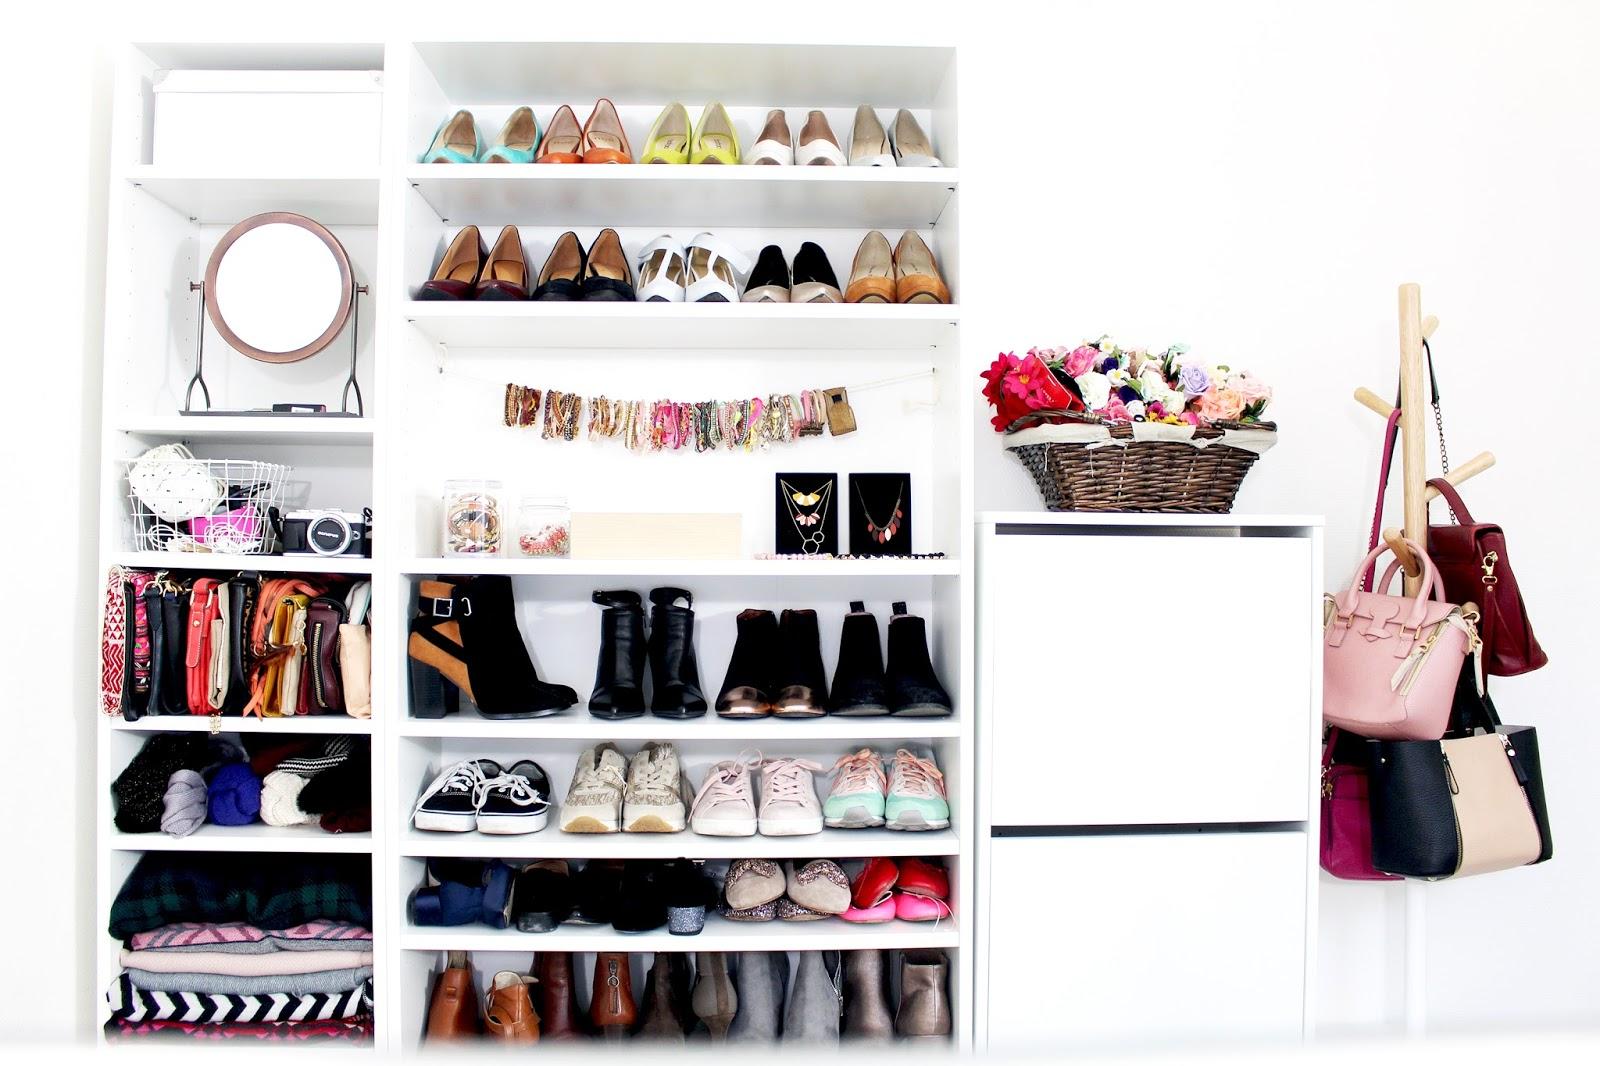 Blog mode lifestyle et bonne humeur la penderie de chlo bienvenue dans ma - Ikea penderie dressing ...